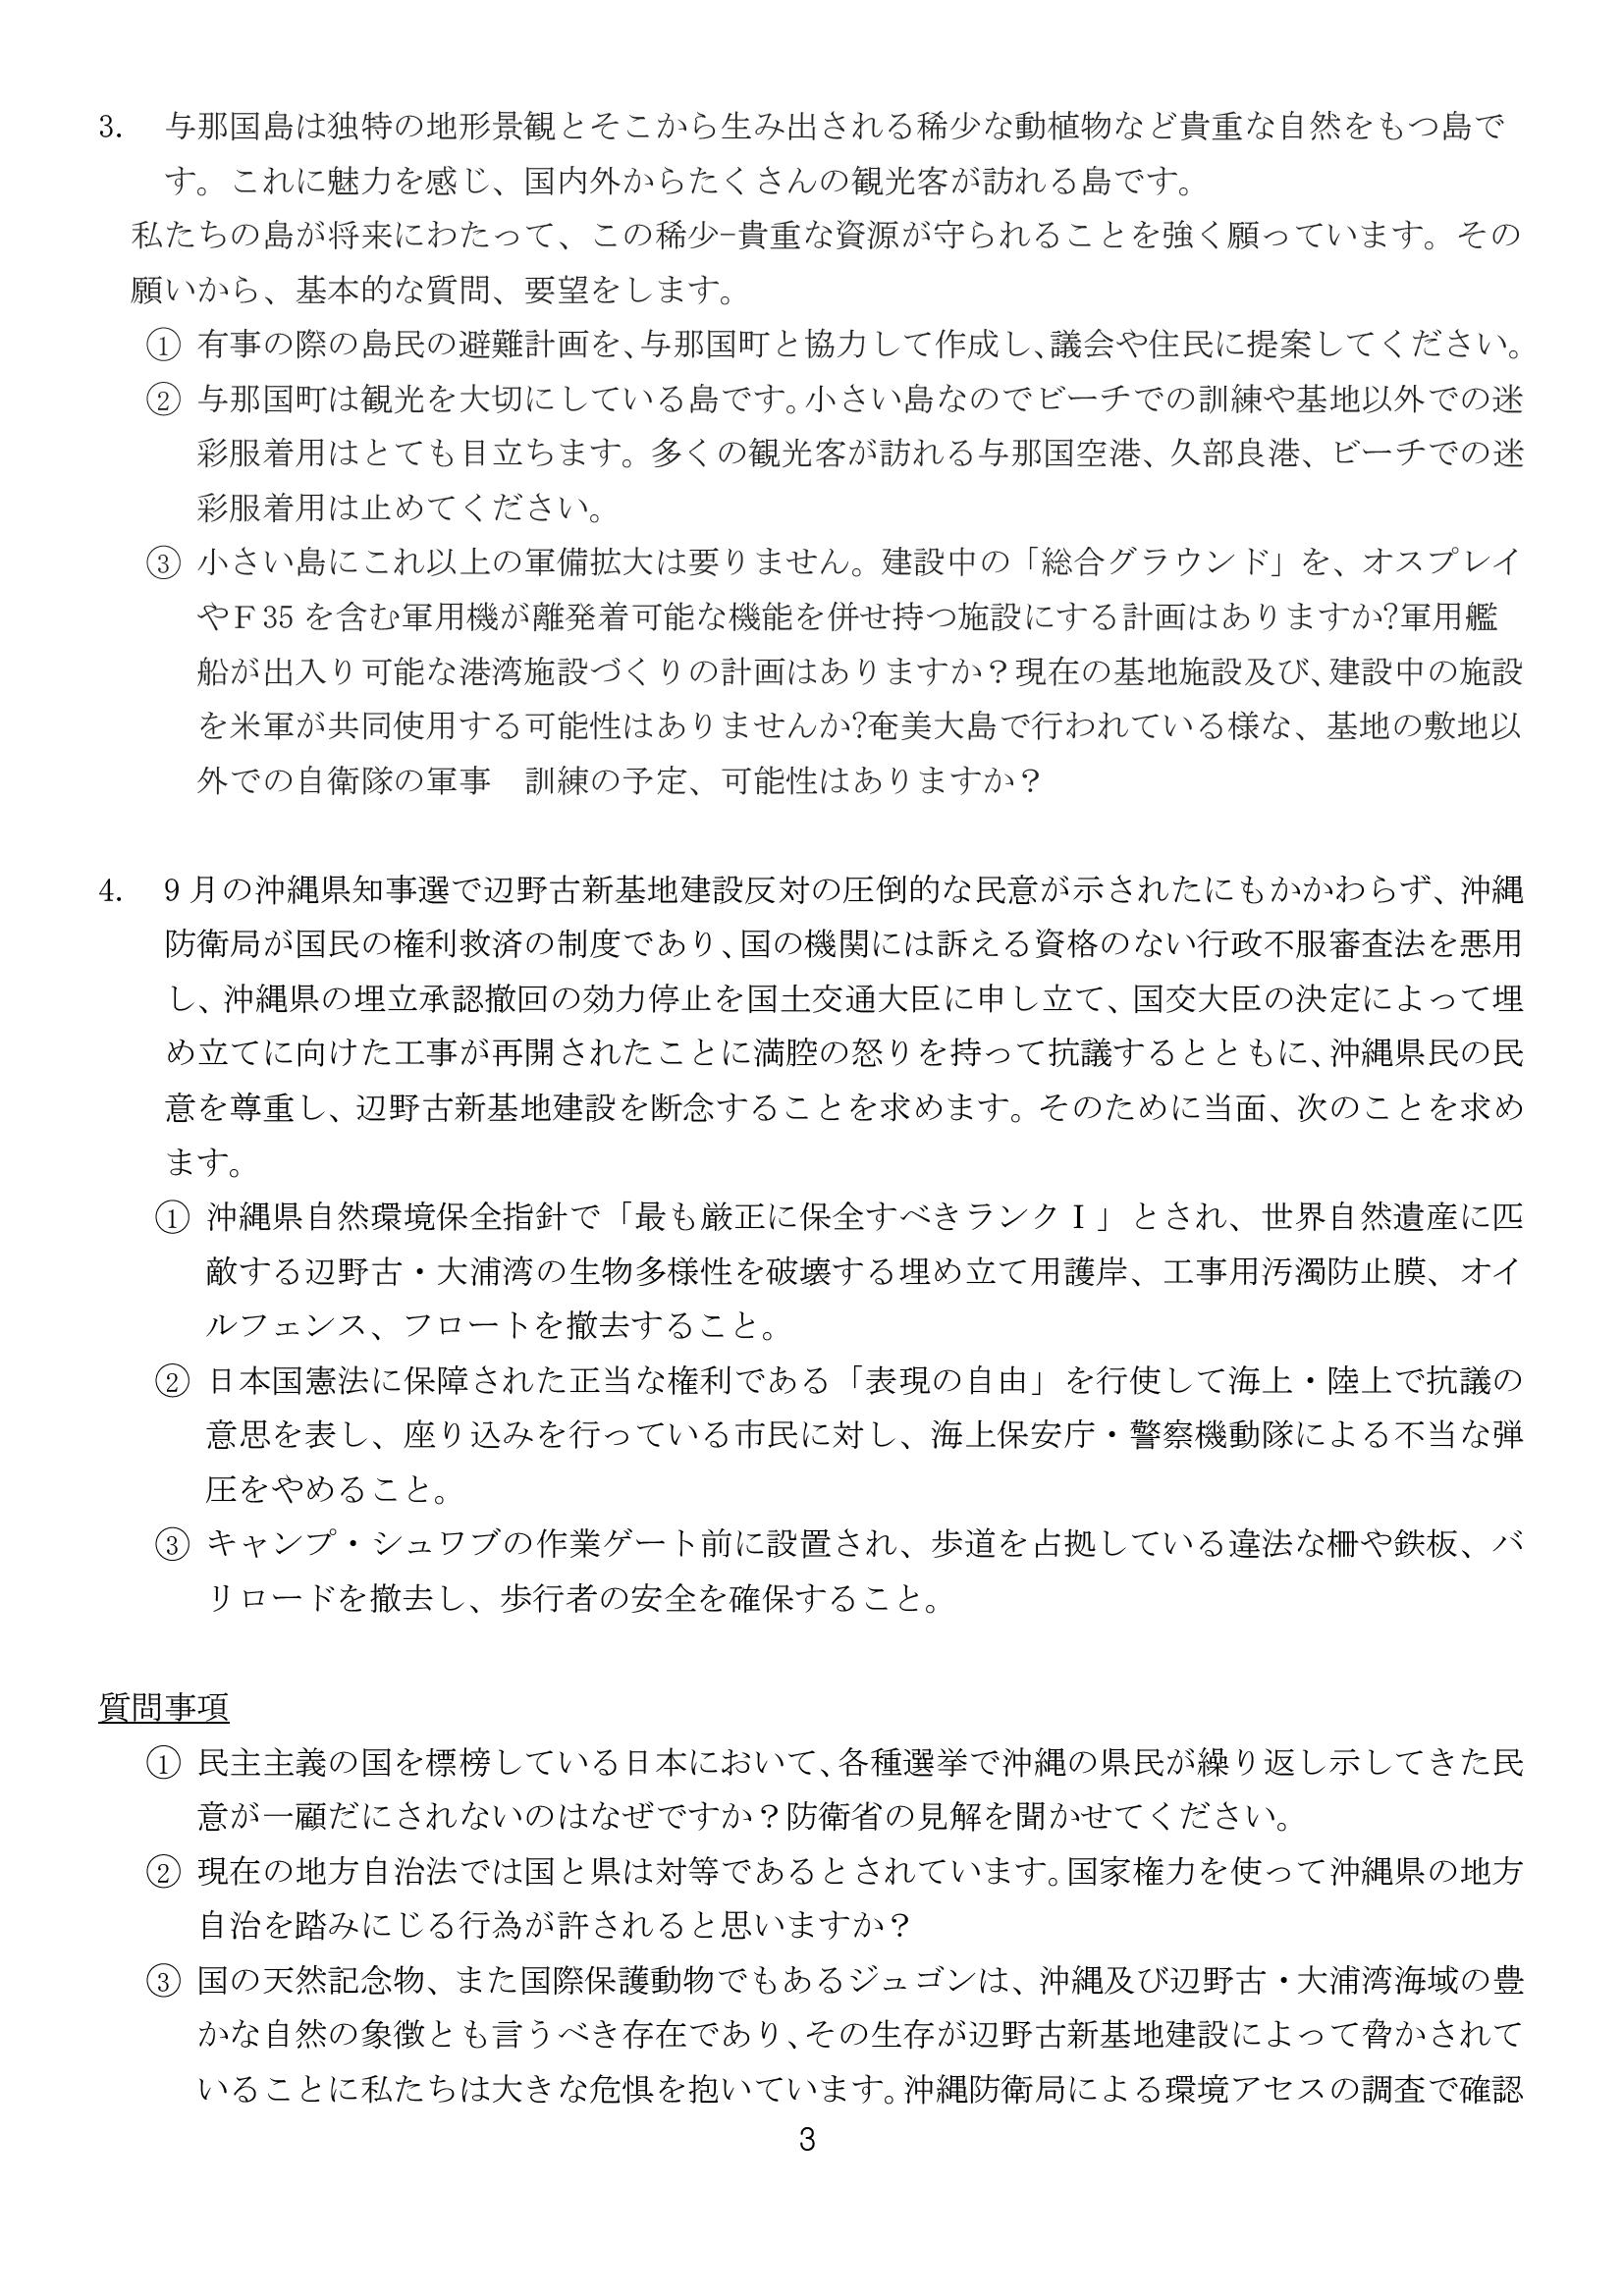 12月政府交渉要請書0003